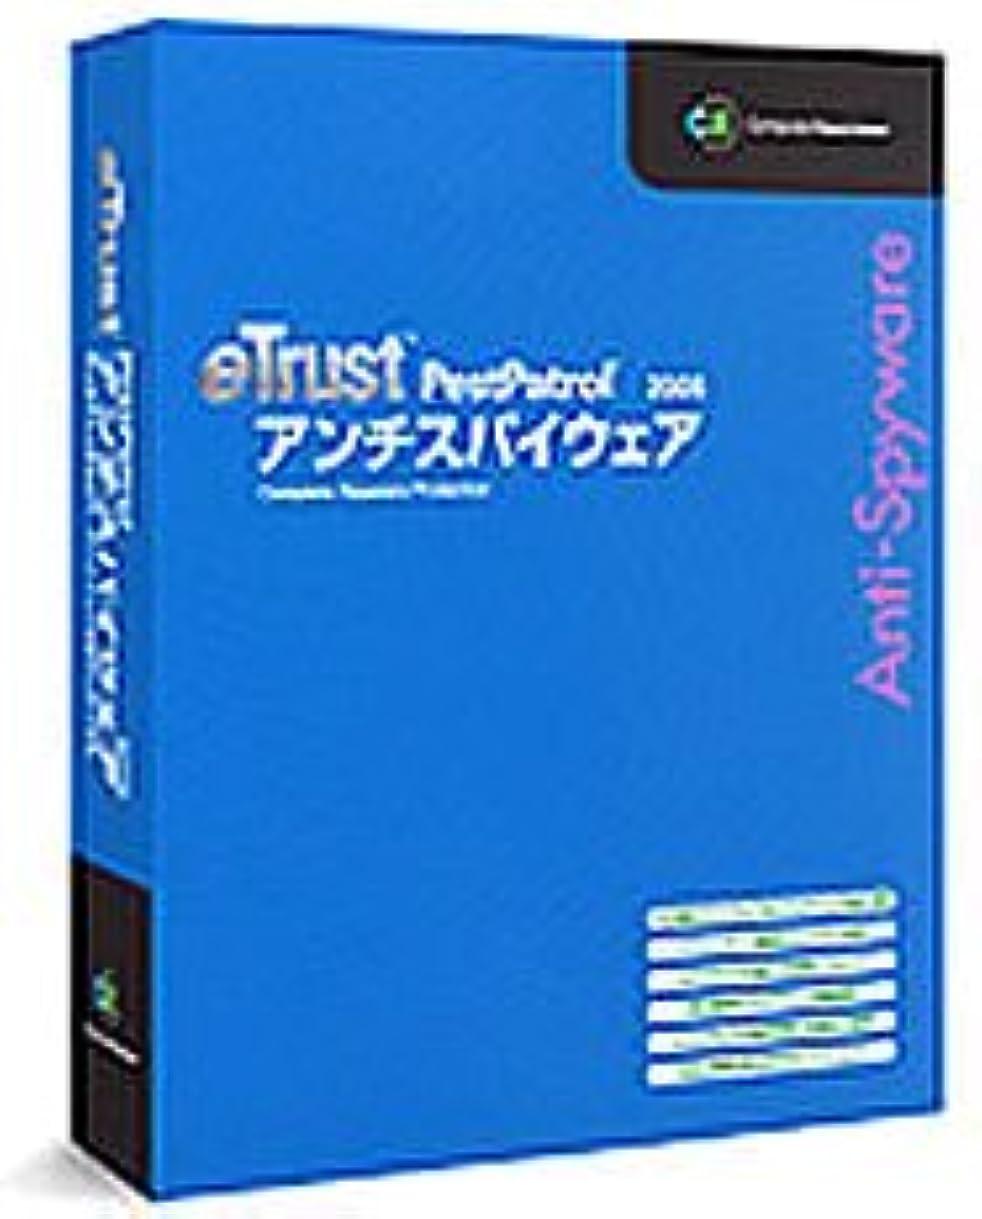 休戦不透明な仕えるeTrust PestPatrol アンチスパイウェア 2005